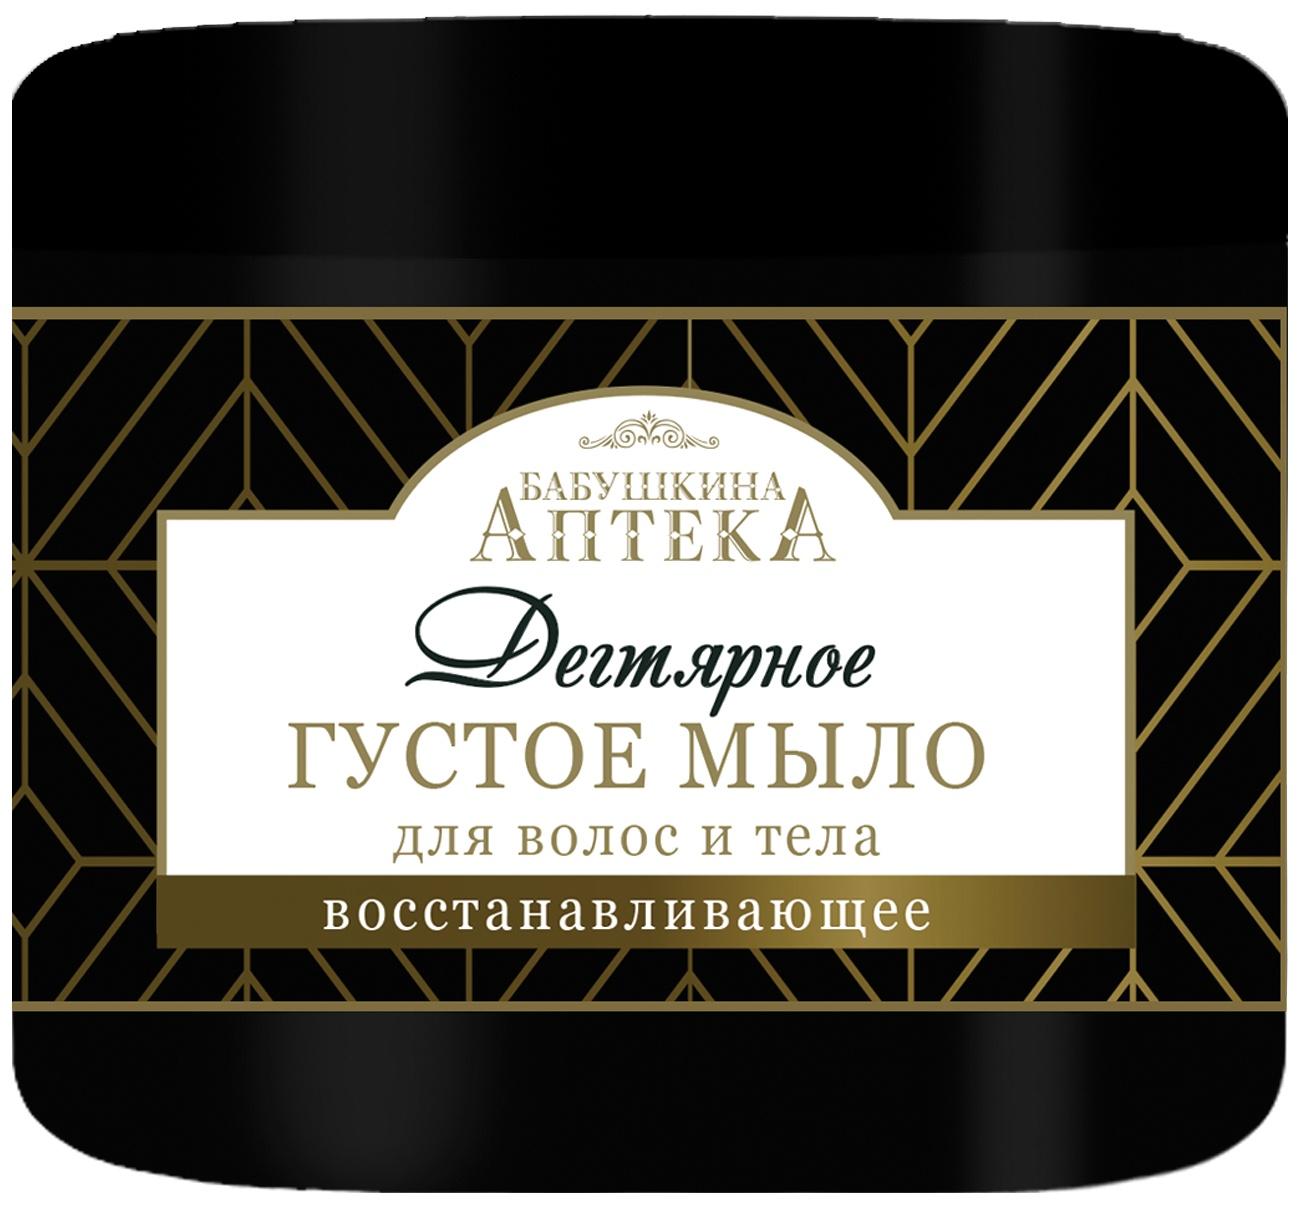 Мыло косметическое Бабушкина аптека Густое мыло для волос и тела ДЕГТЯРНОЕ, 500 мл деготь березовый 40мл